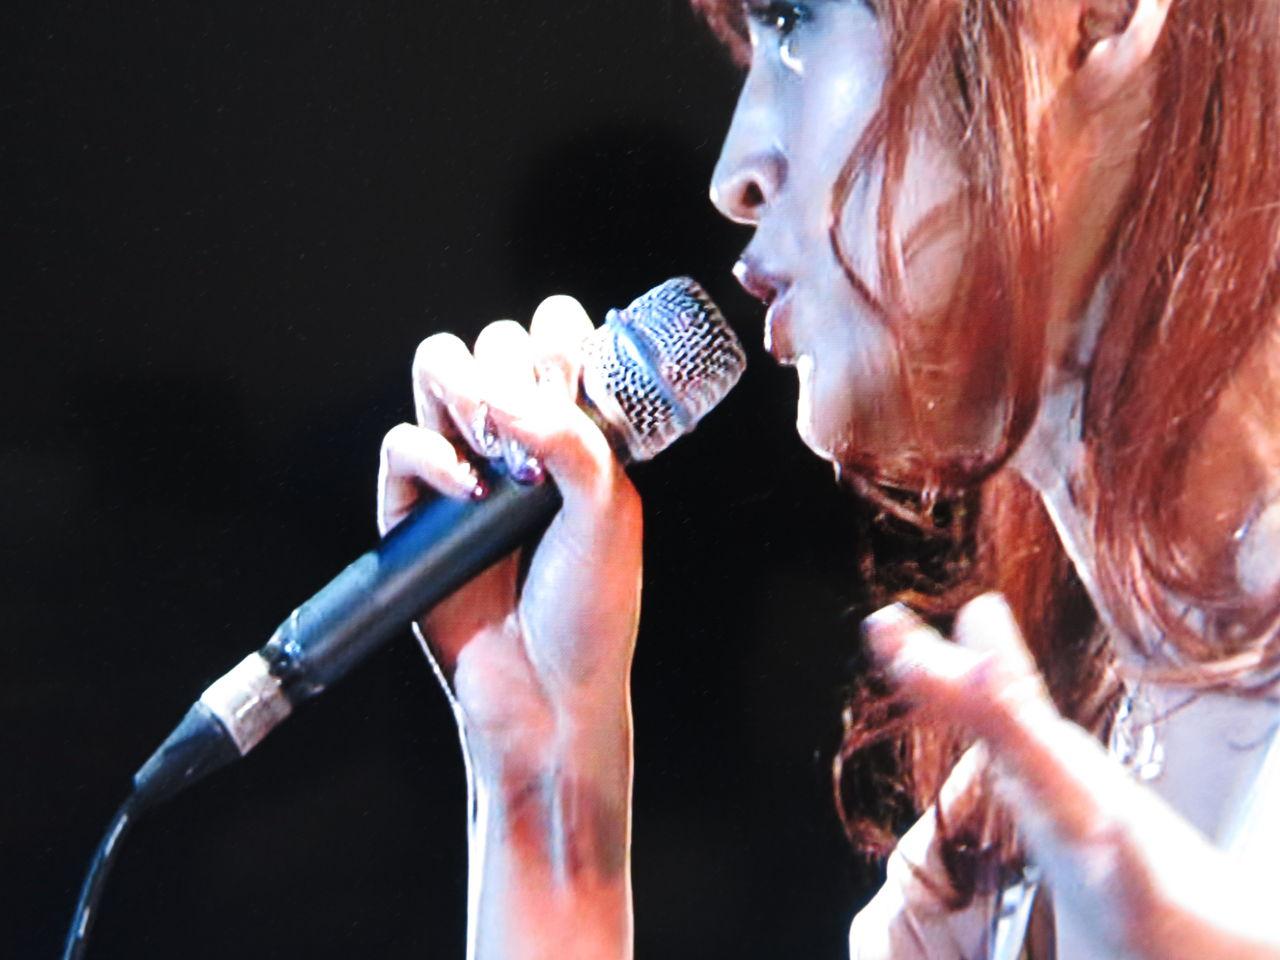 宇徳敬子の画像 p1_36